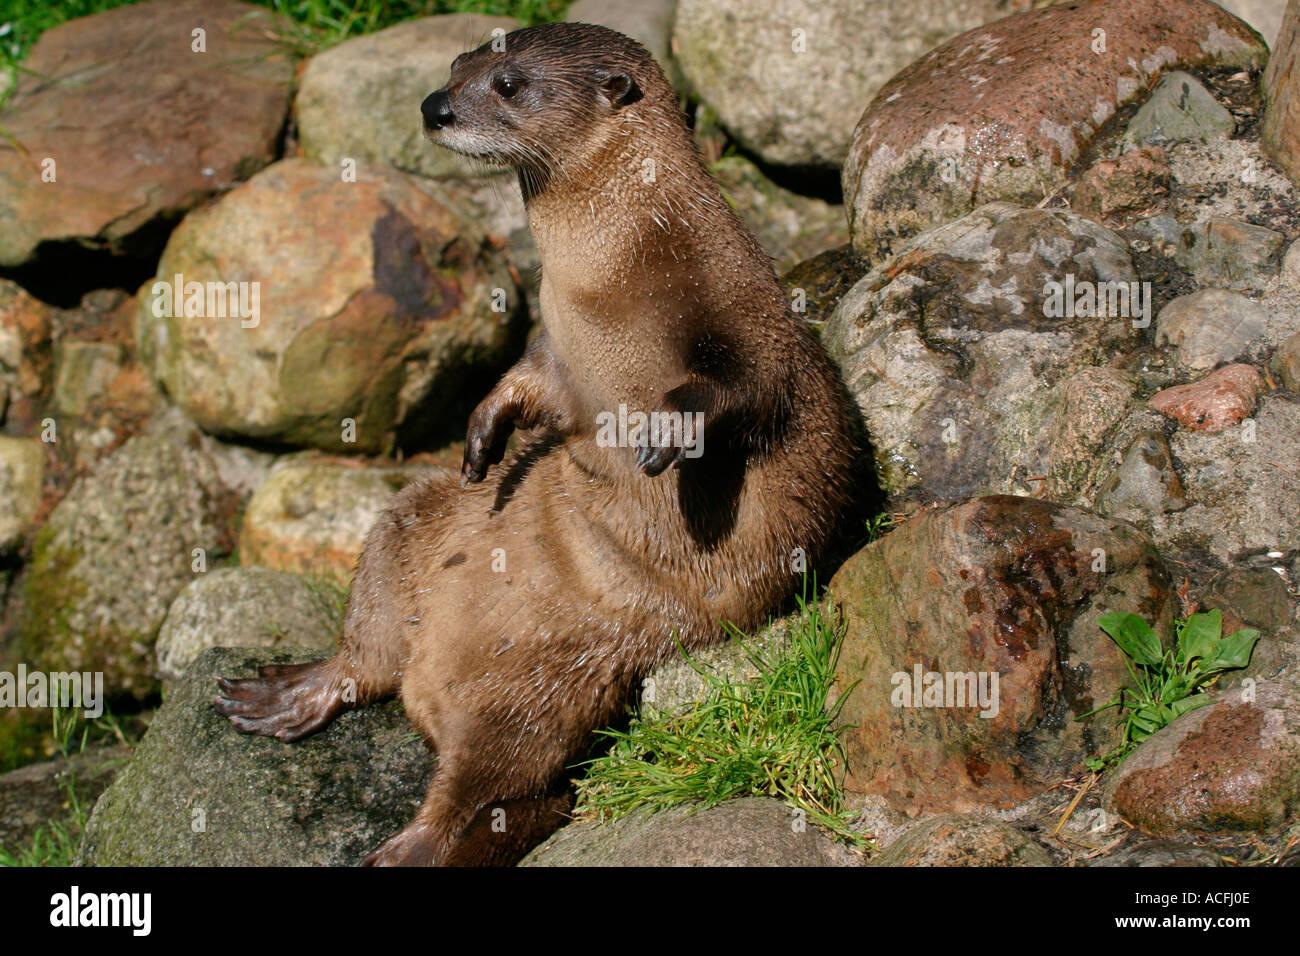 otter-sitting-on-rocks-ACFJ0E.jpg